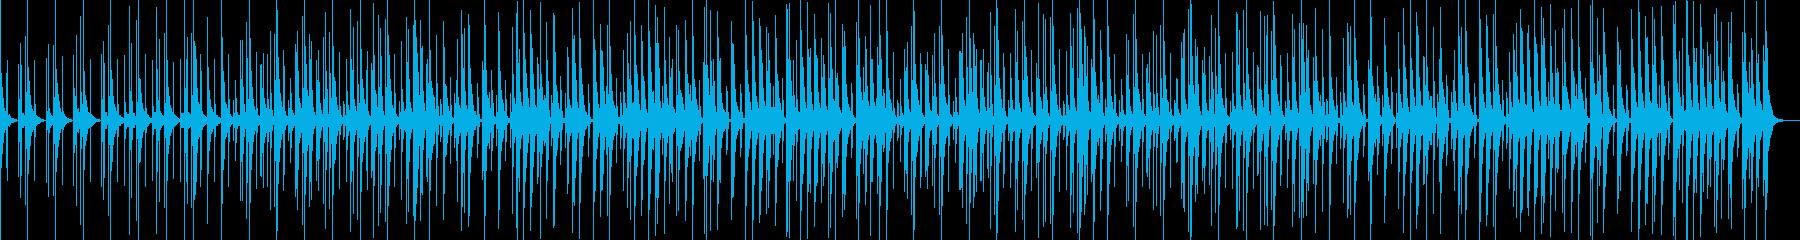 ほのぼの楽しいおしゃれでかわいい曲02の再生済みの波形